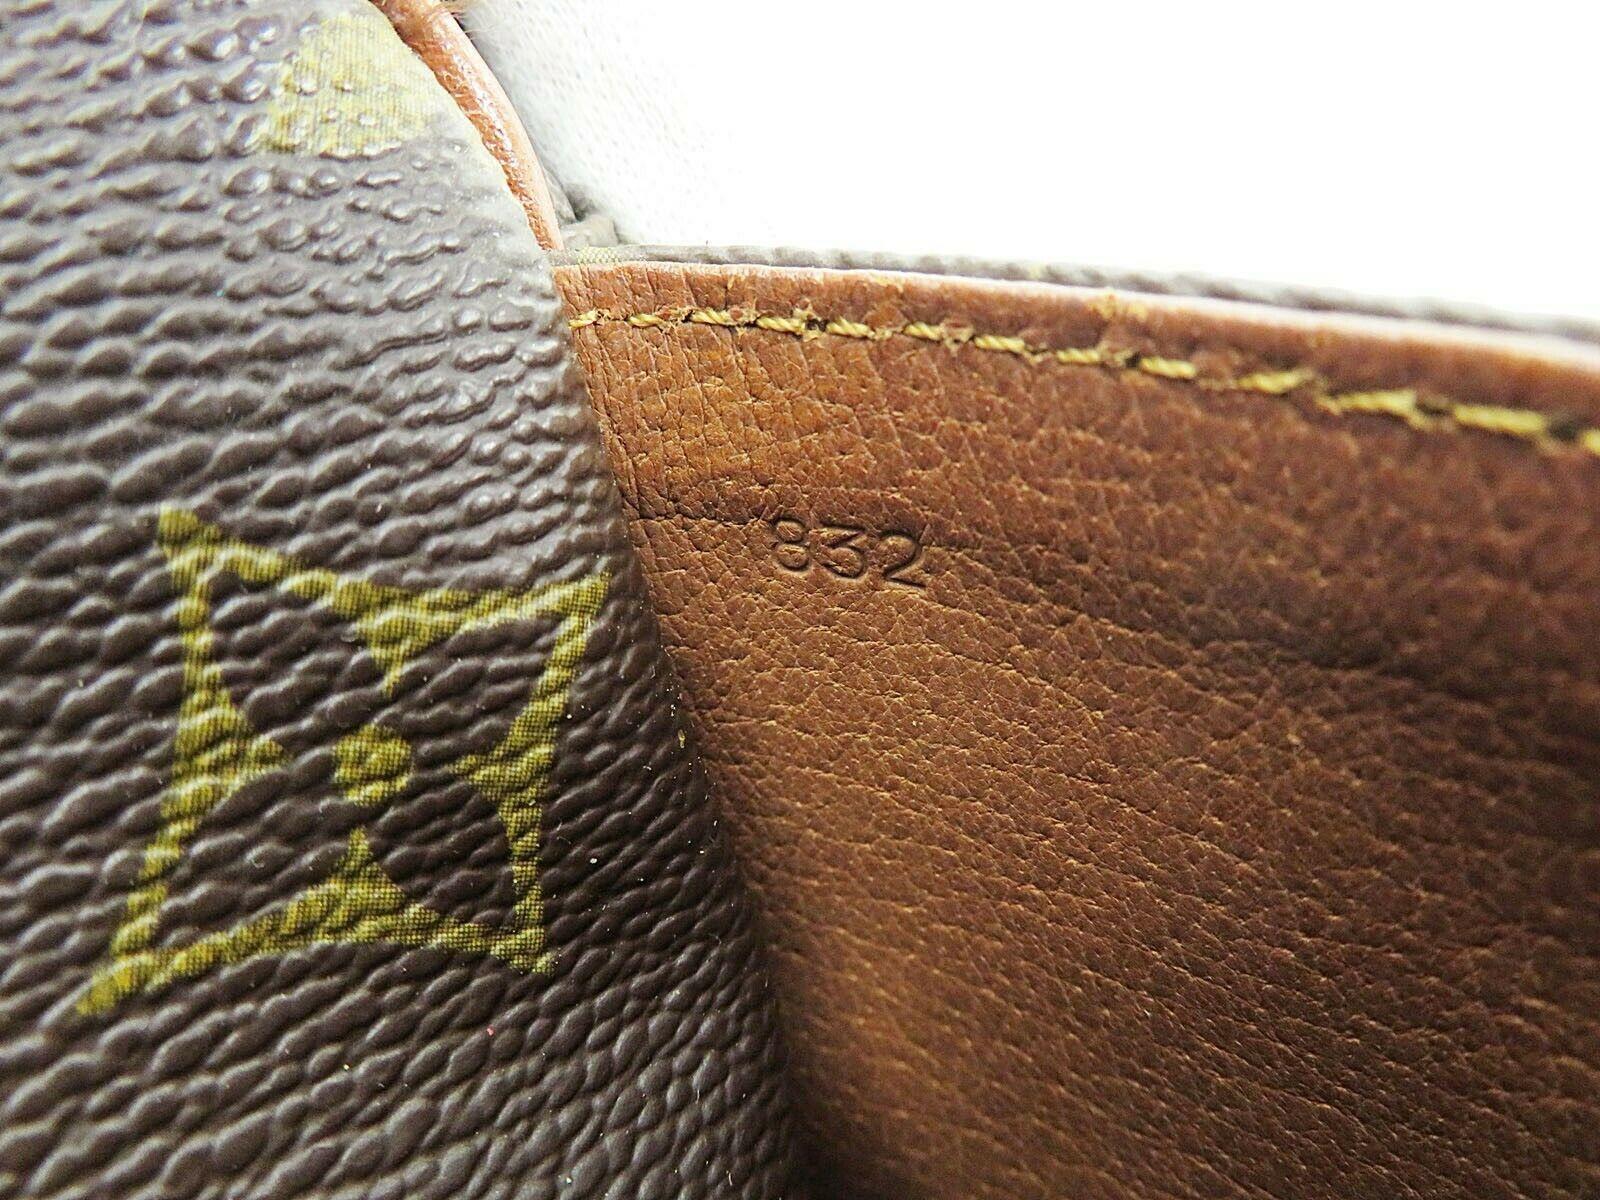 Auth VTG LOUIS VUITTON Marceau Monogram Messenger Shoulder Bag #34998 image 12